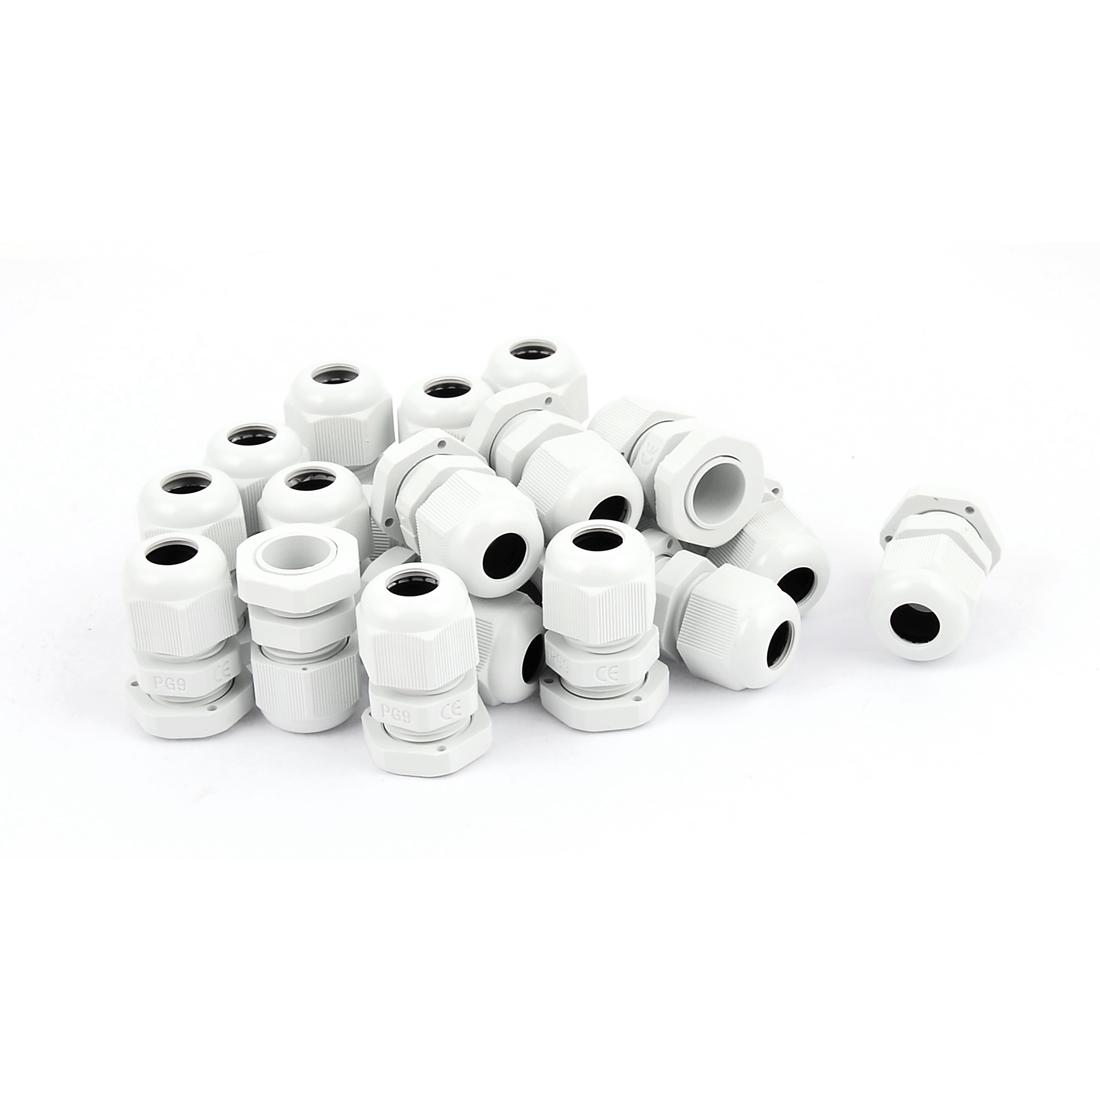 PG-9 White Plastic Waterproof Connectors Cable Glands 20 Pcs